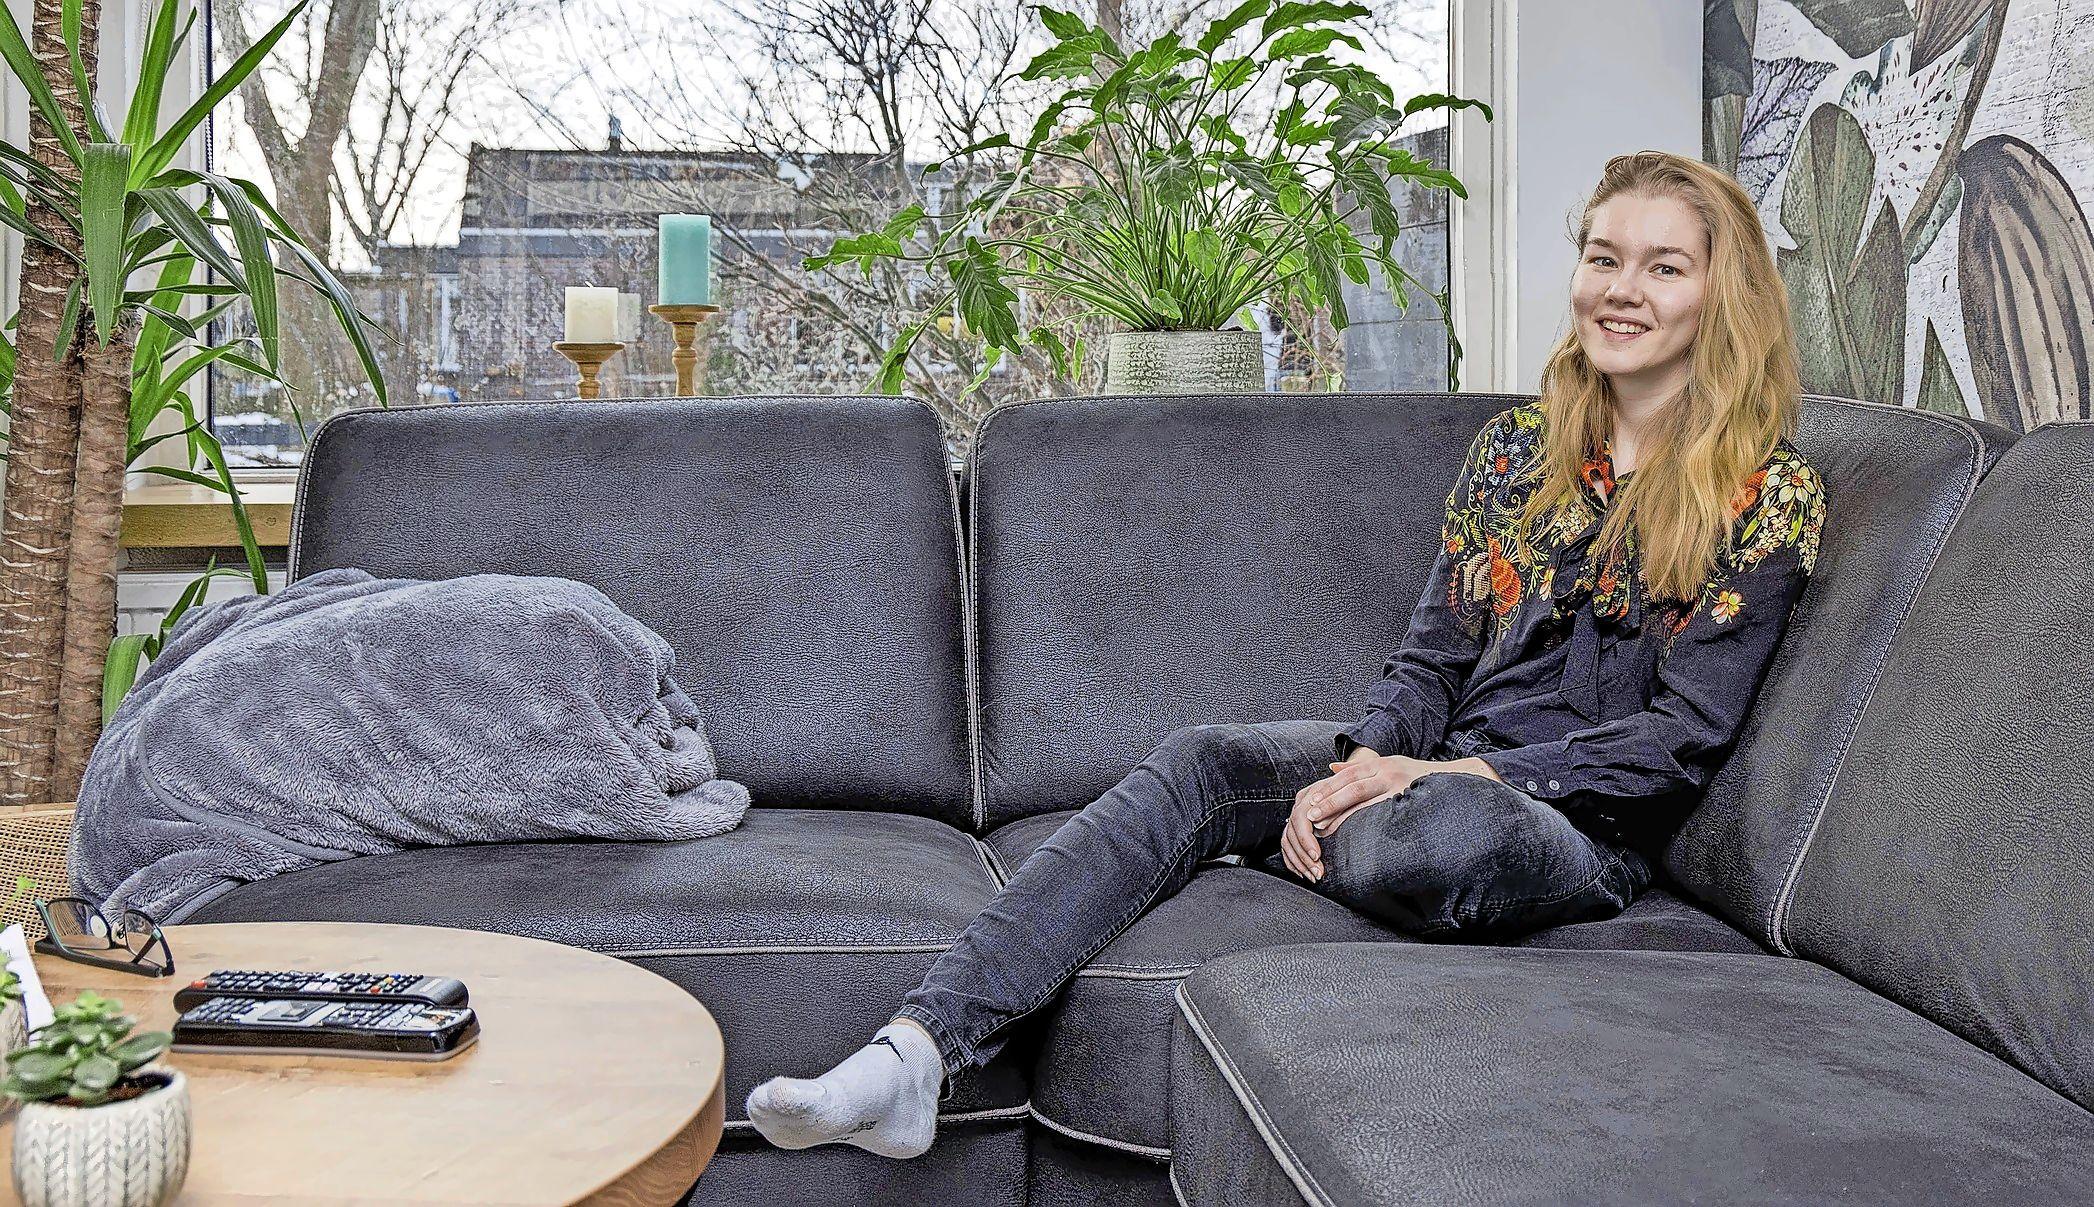 Maureen (24) zocht naar een woning in Enkhuizen, maar eindigde in Midwoud. 'Het voelde als thuiskomen. Lekker neerploffen en mensen kijken'